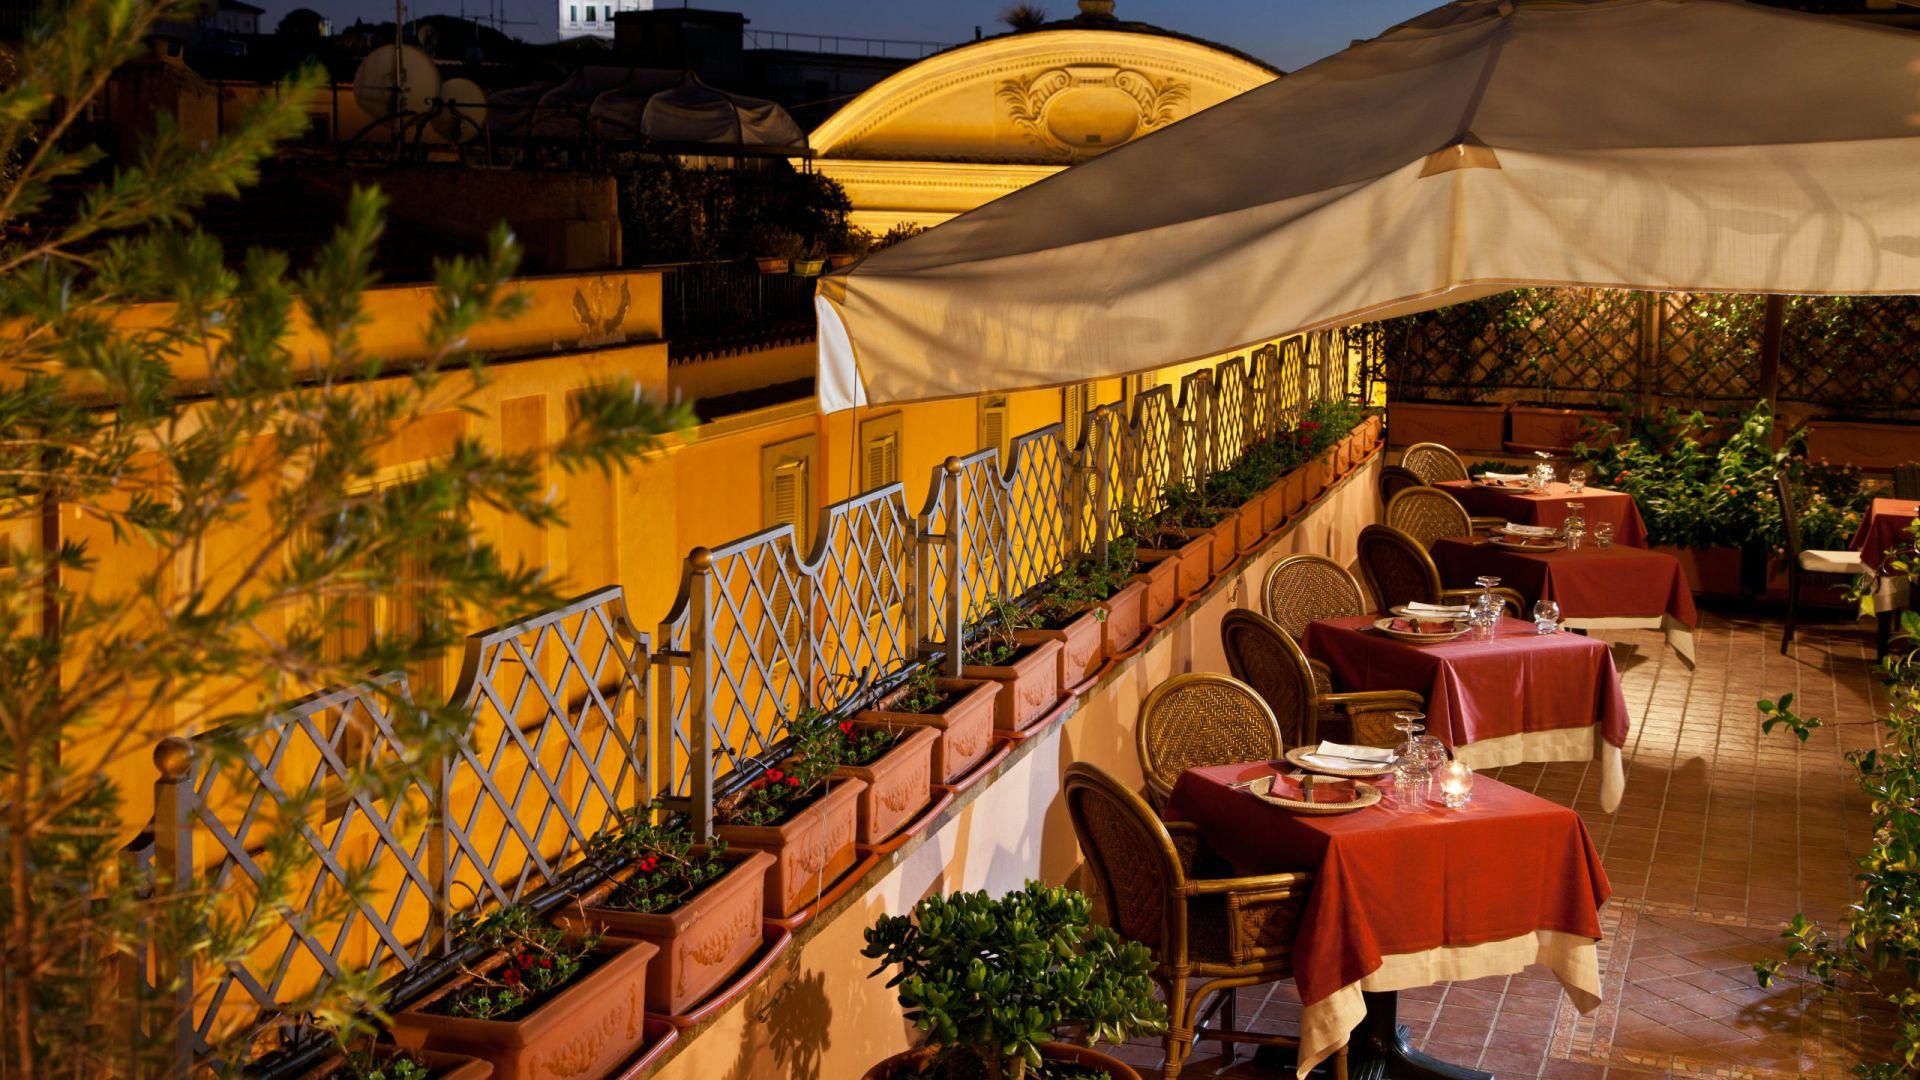 albergo-ottocento-roma-terrazza-05